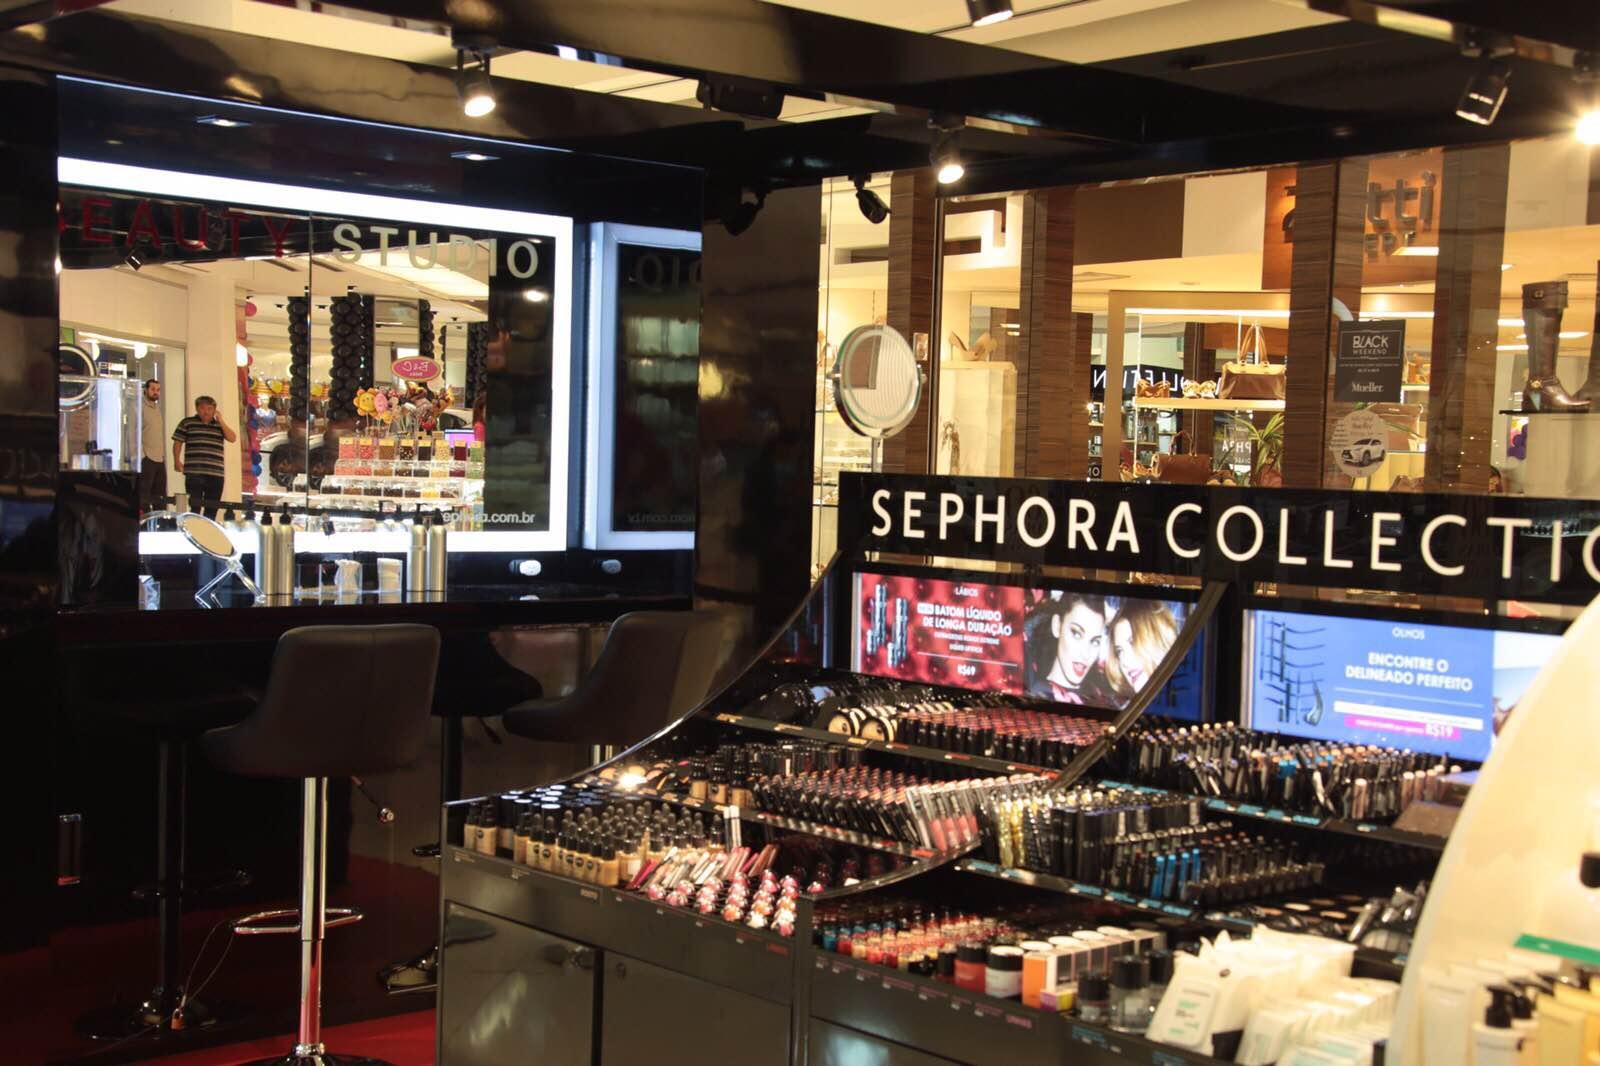 Sephora inaugura sua pop up store em Curitiba